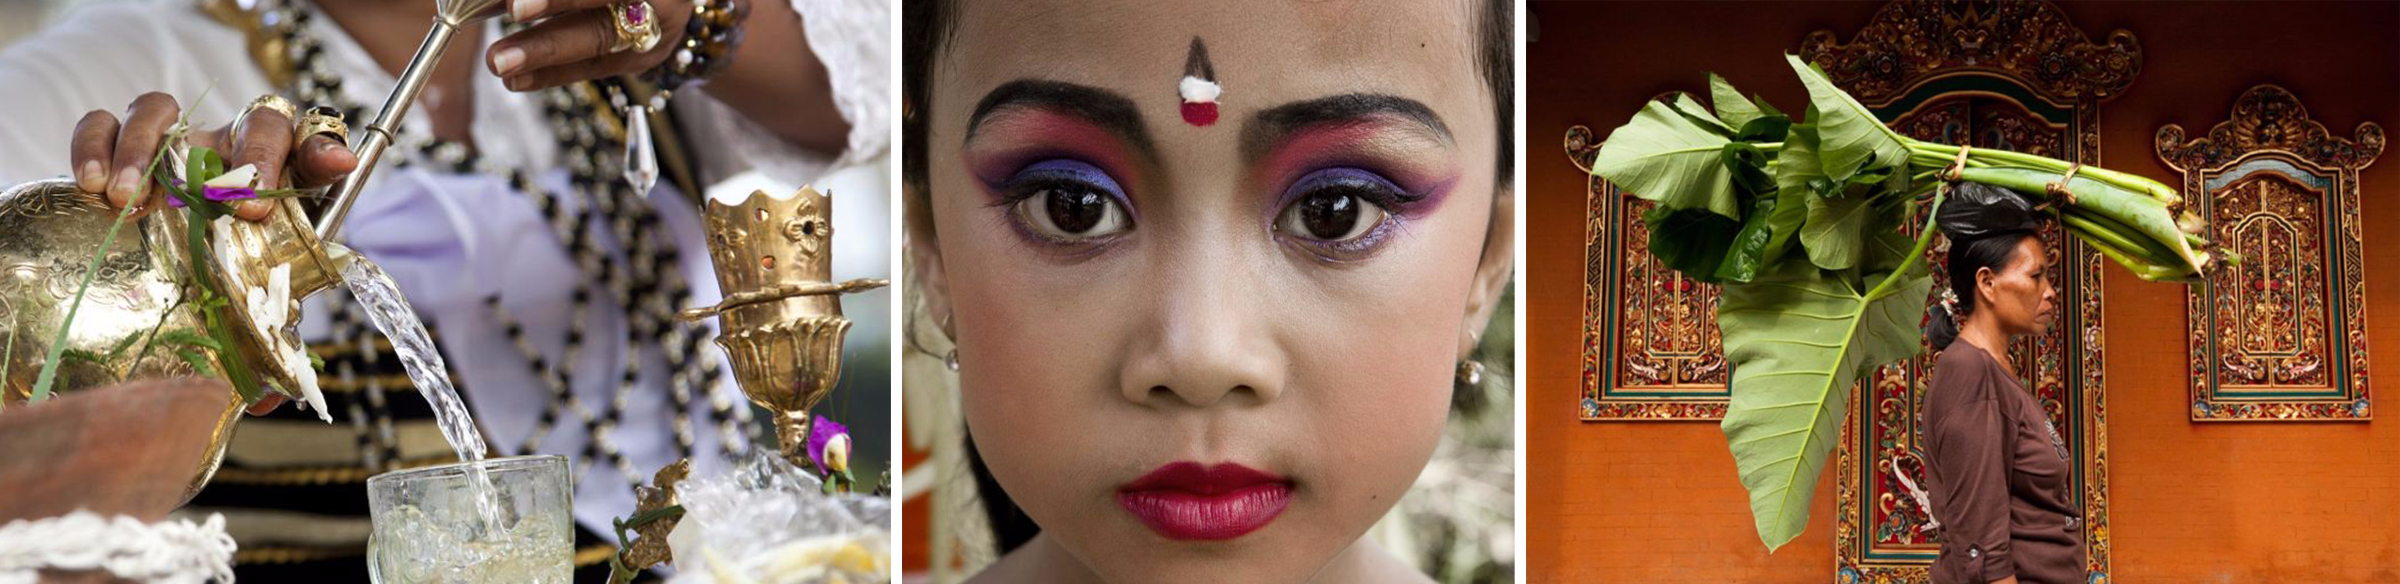 Le donne si muovono con grazia ed eleganza, danzano e lavorano in un universo dove anche le risaie, le lussureggianti piante tropicali e le pietre sono animate dalla Shakti, l'energia divina femminile.